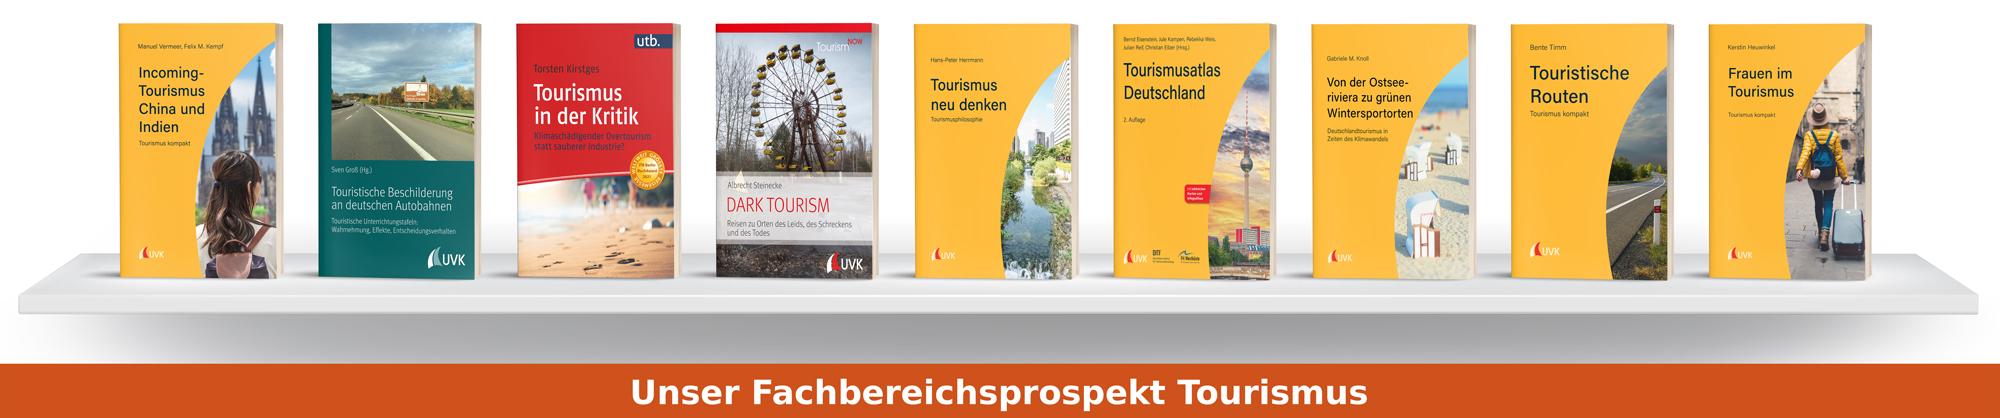 Fachbereichsprospekt Tourismus